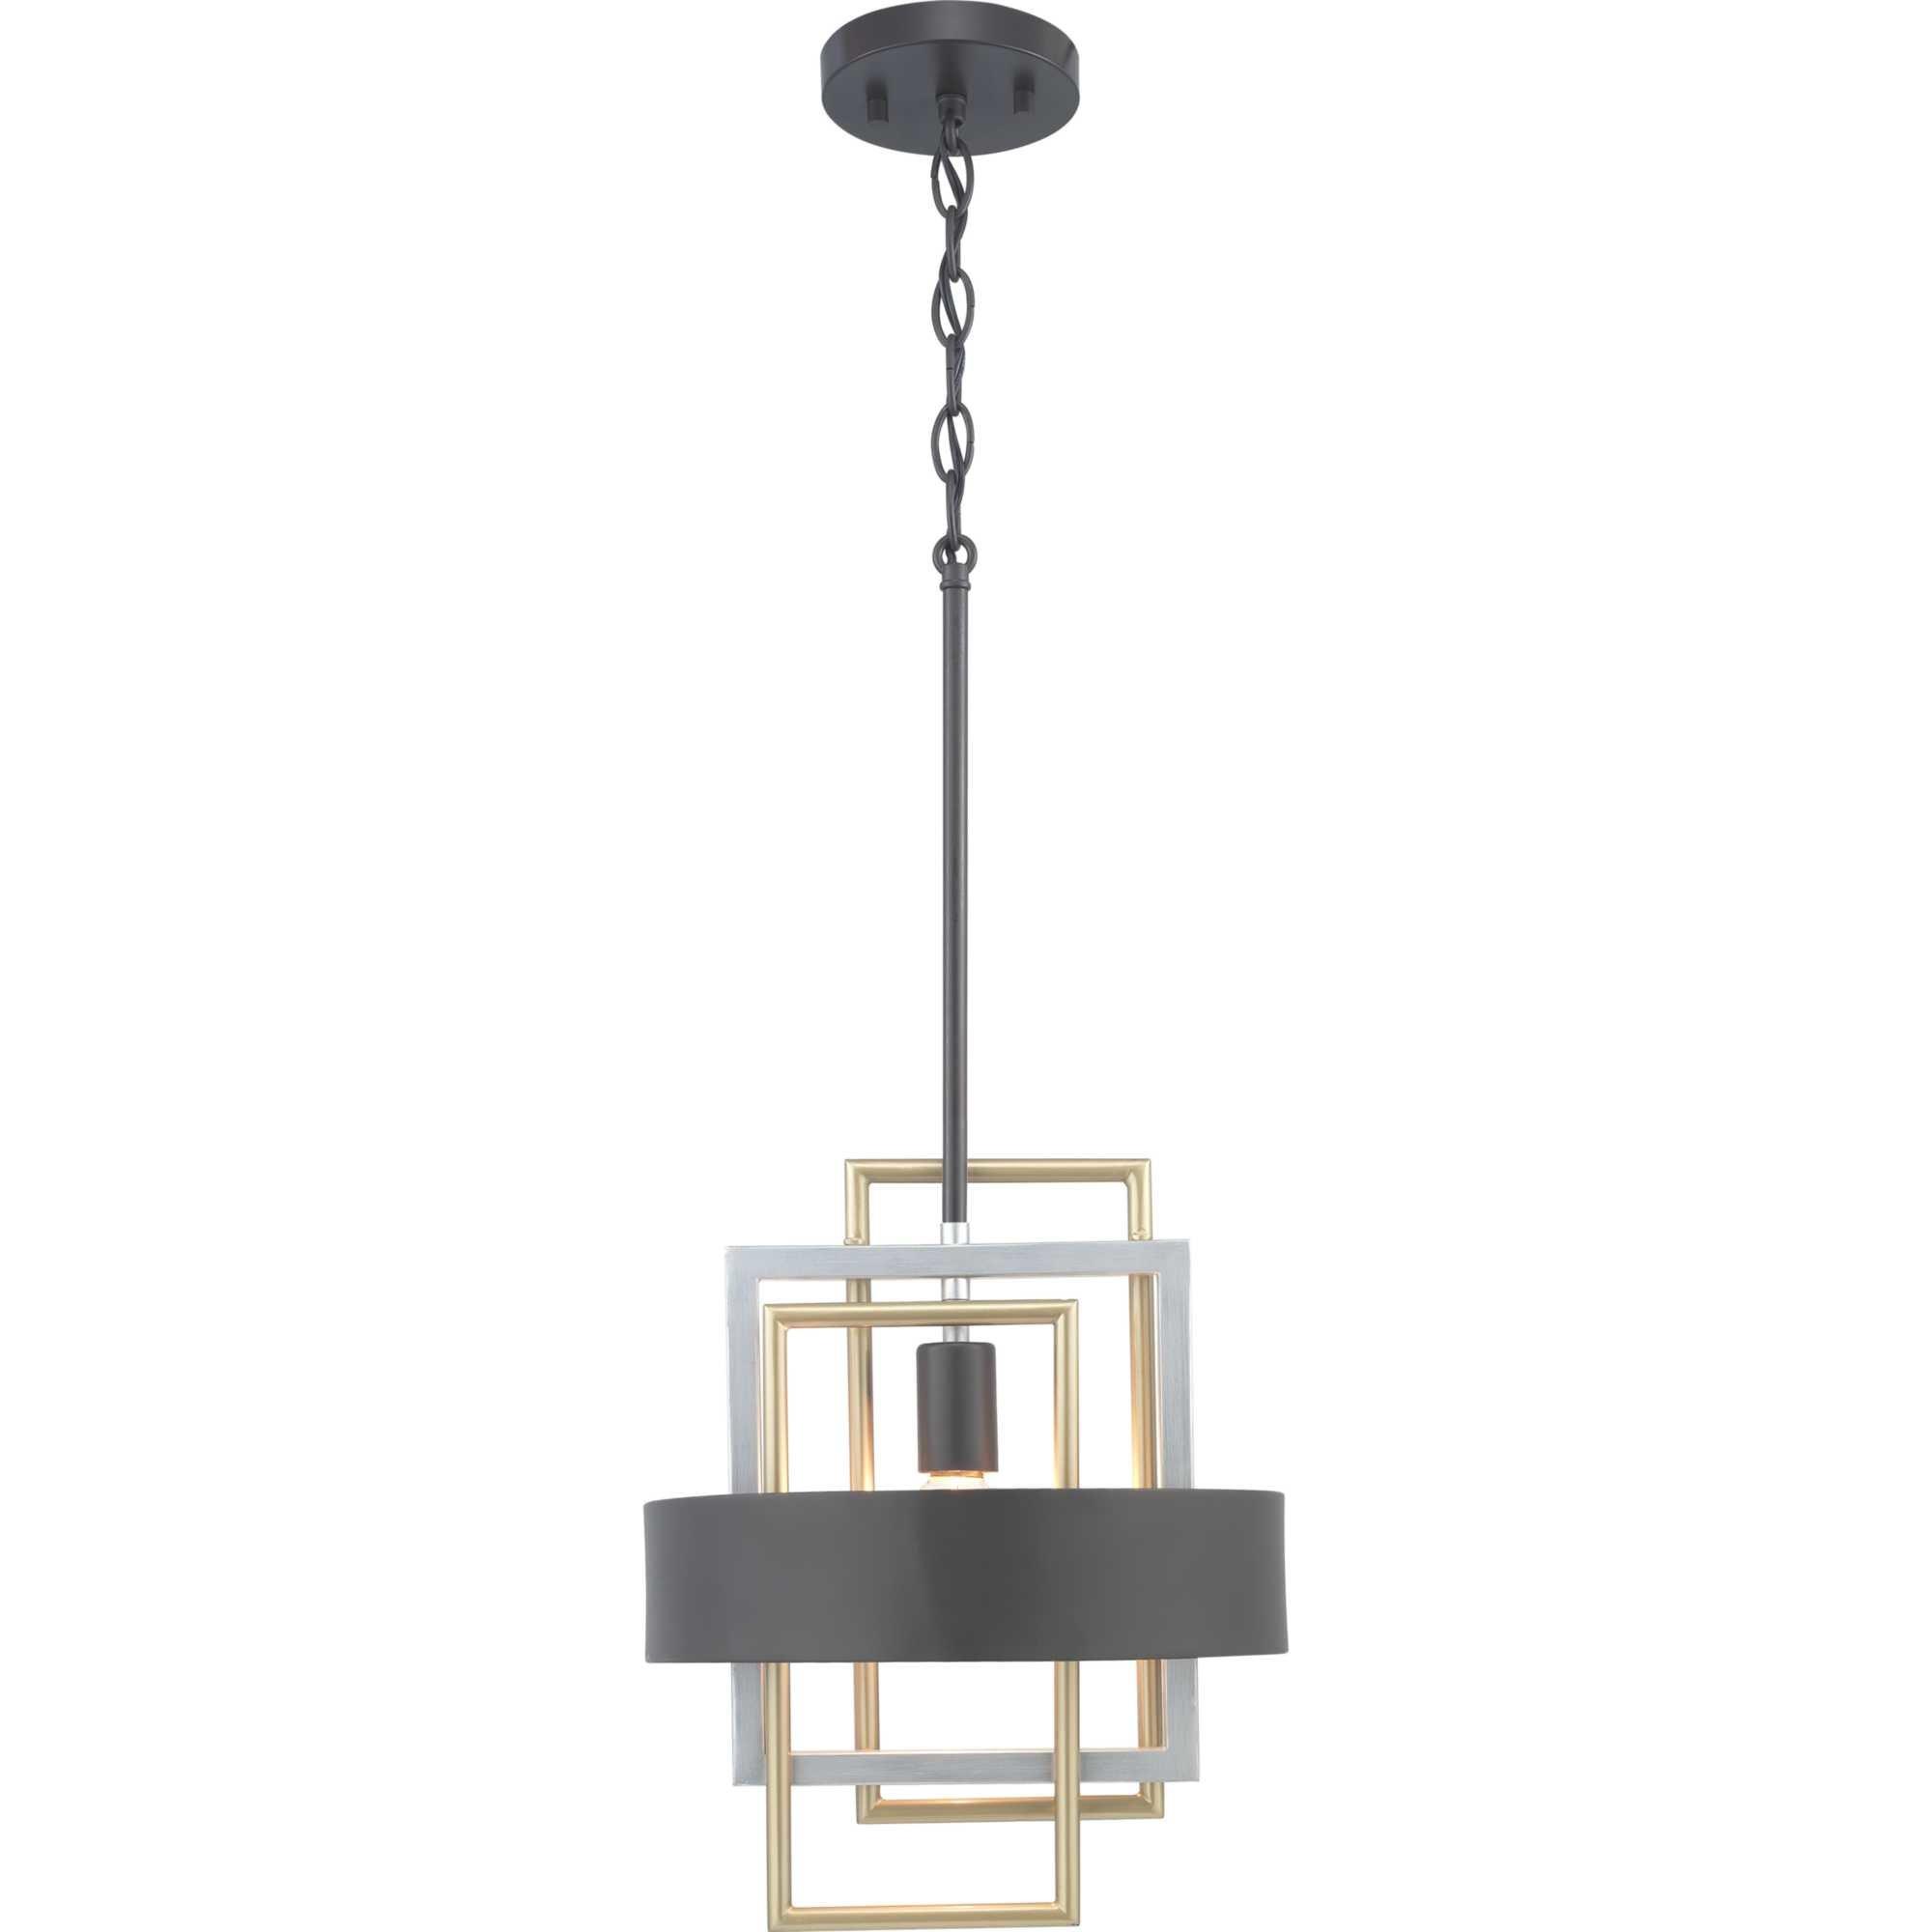 Coralie 1-Light Geometric Pendant in Callington 1-Light Led Single Geometric Pendants (Image 13 of 30)